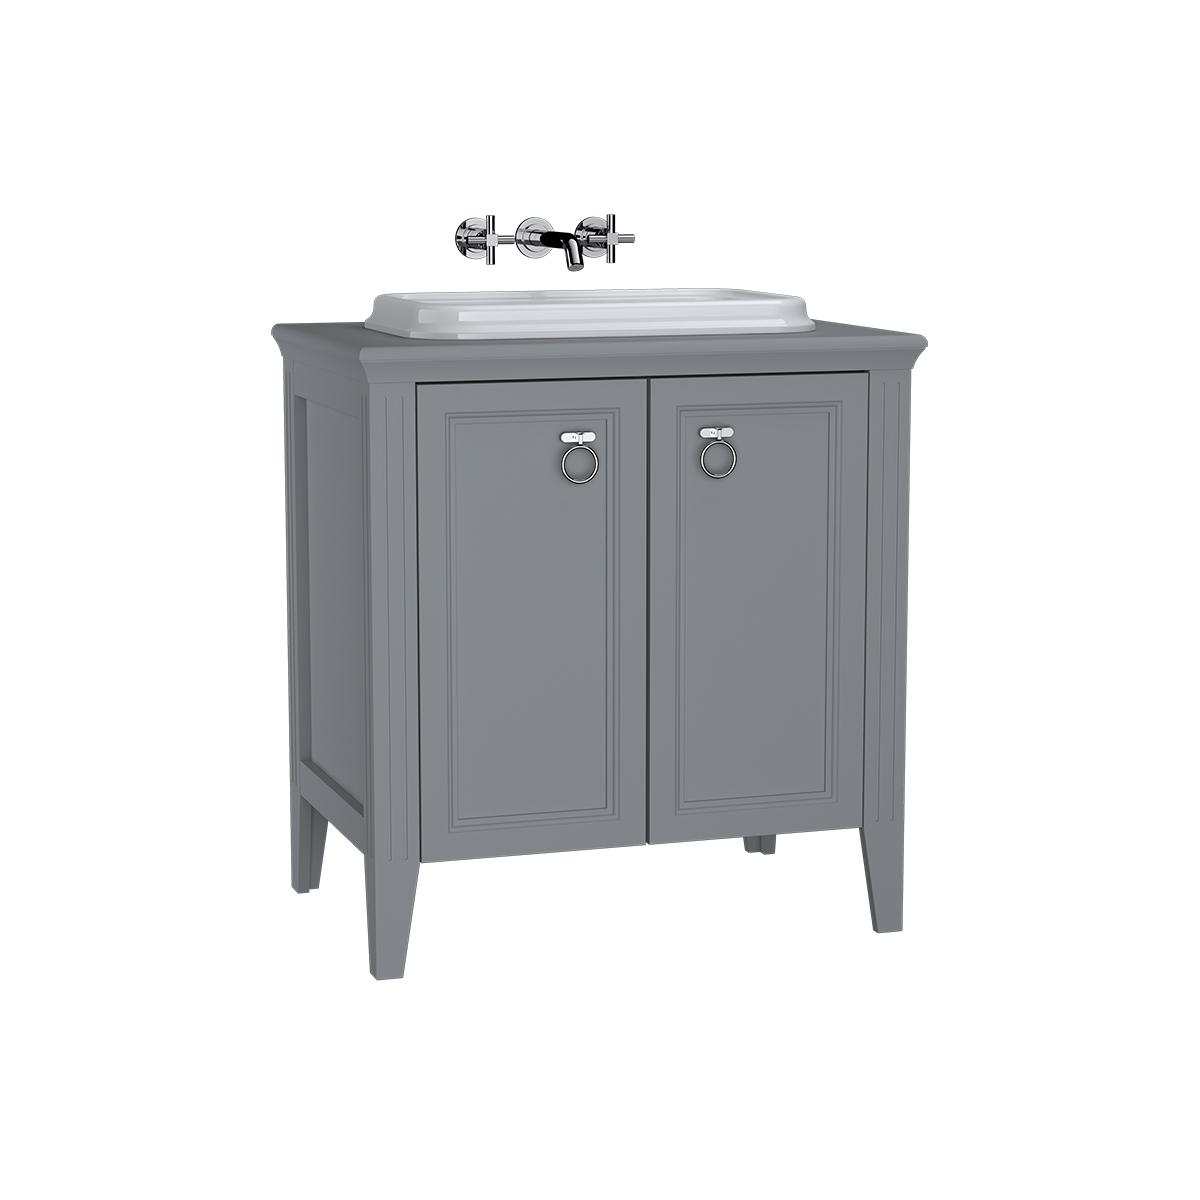 Valarte meuble sous vasque encastrée, 80 cm, avec portes, gris mat